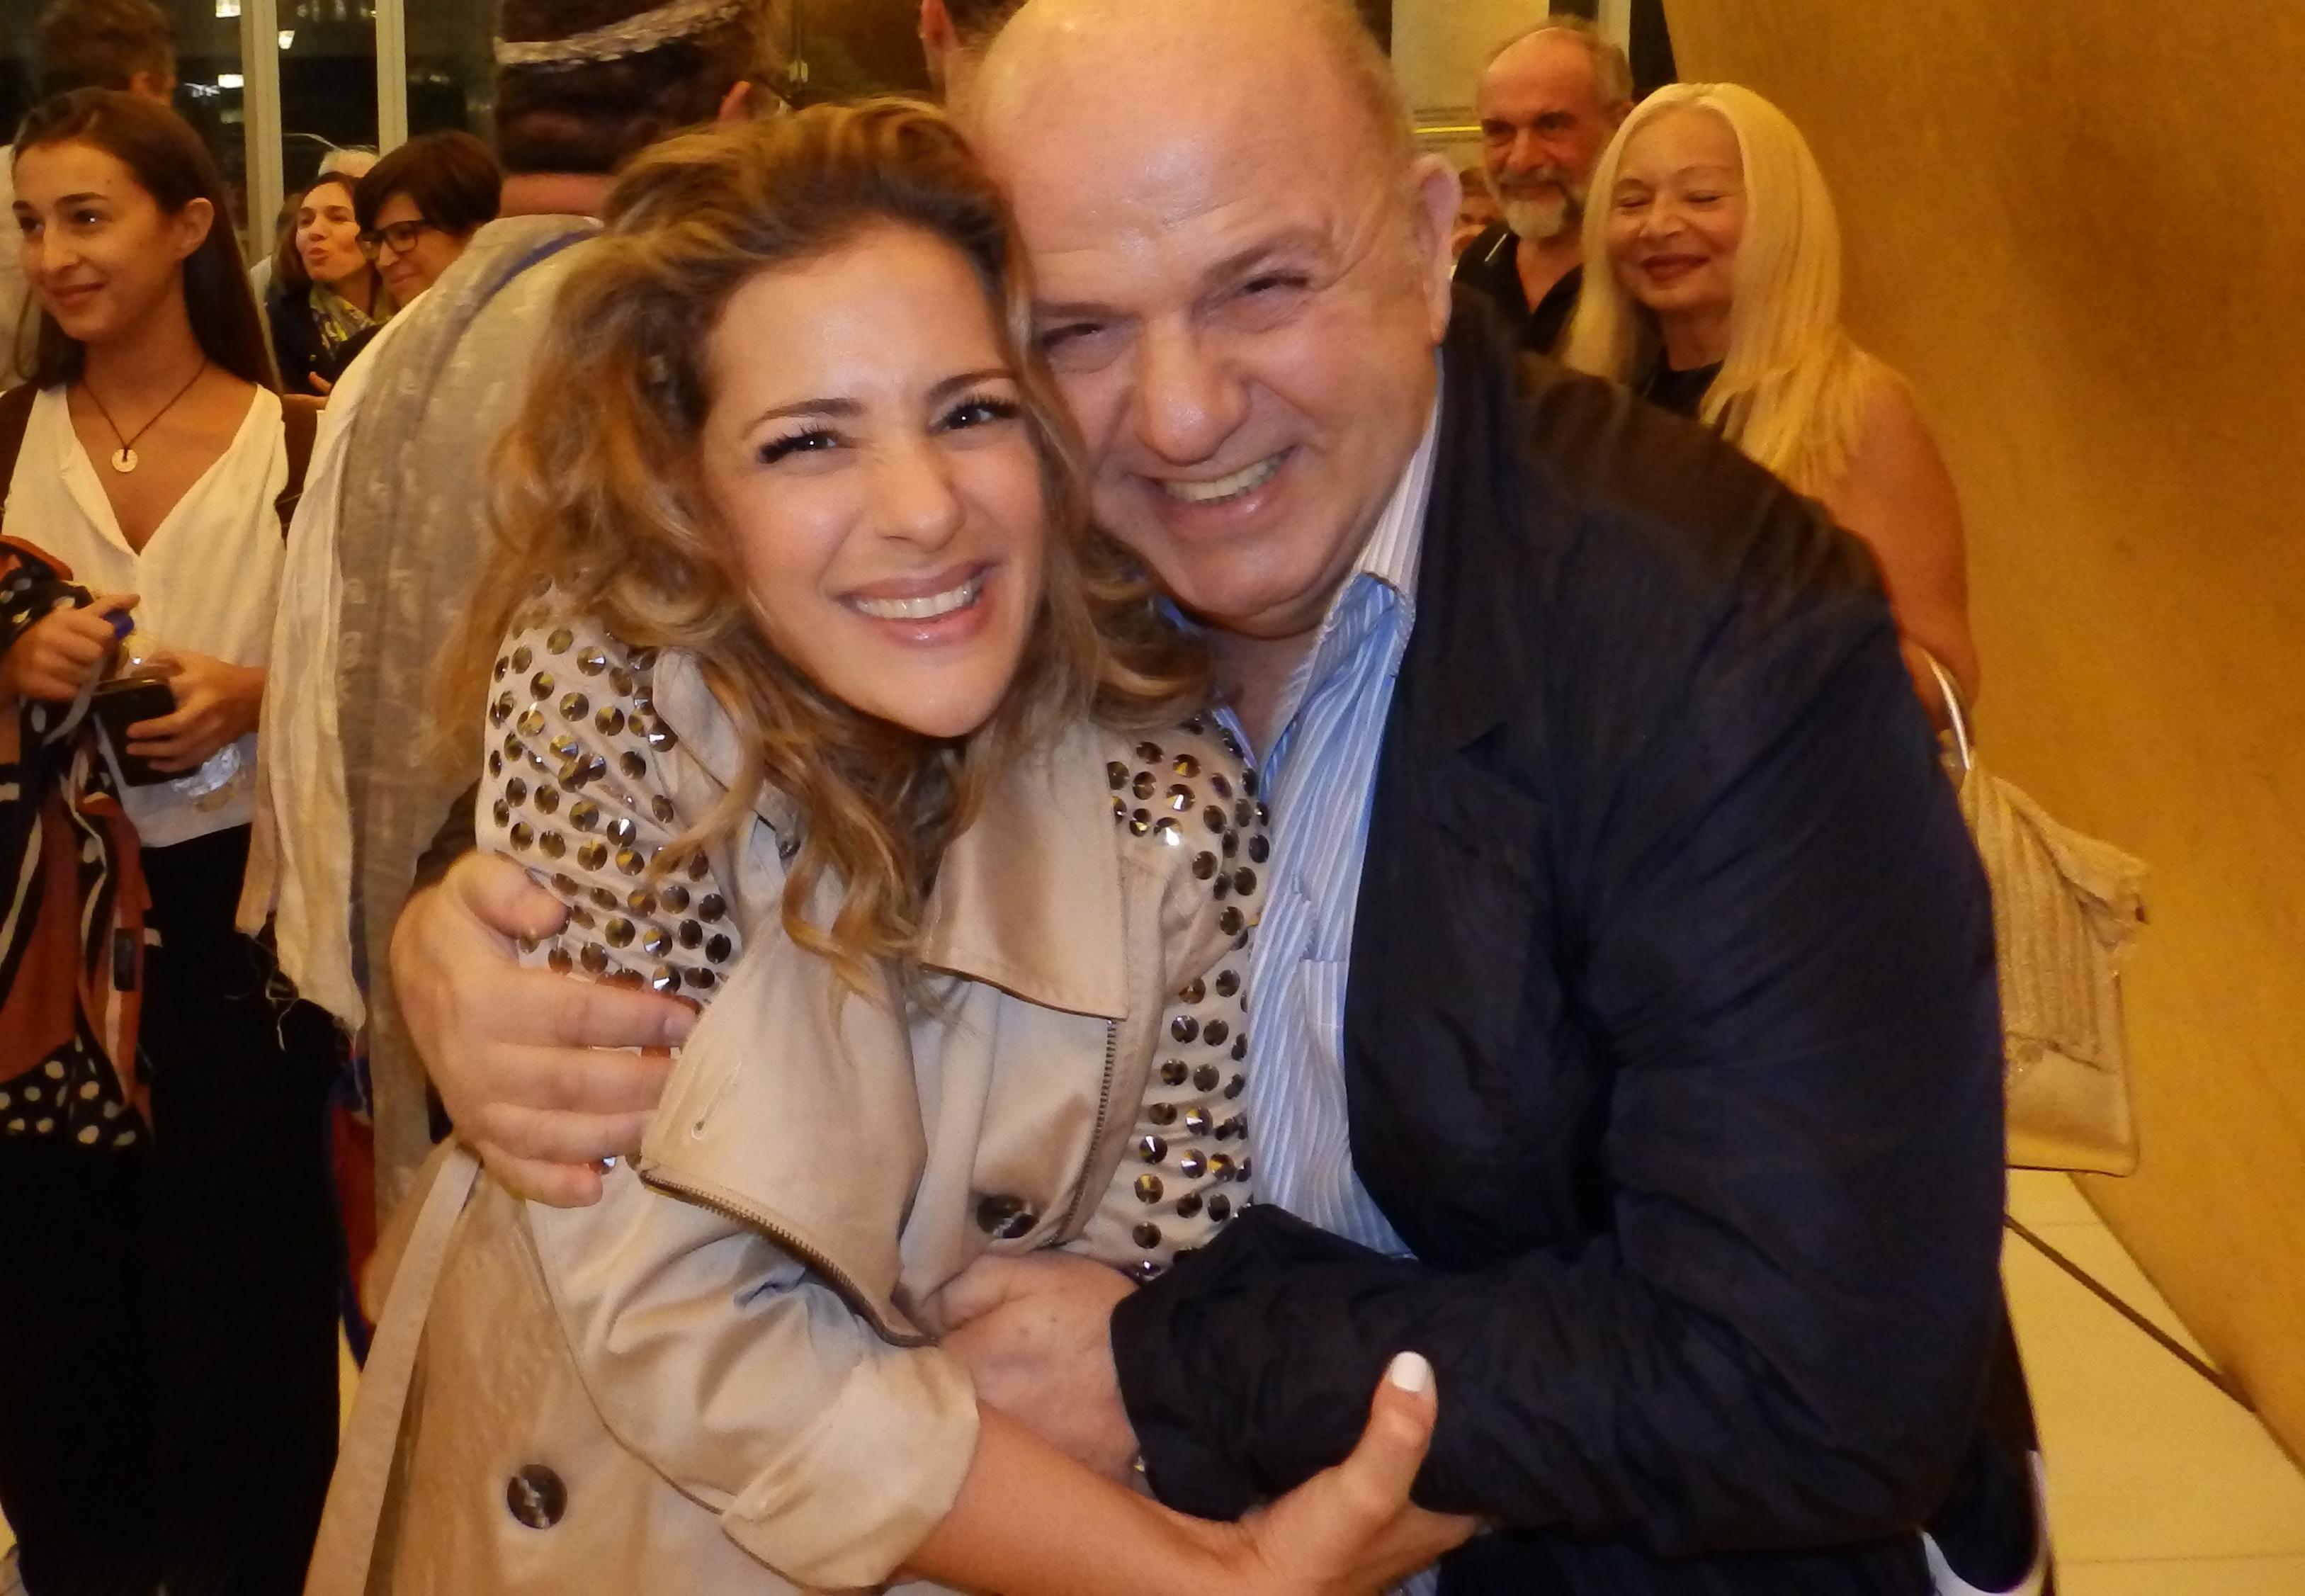 Νατάσα Μποφίλιου, Νίκος Μουρατίδης